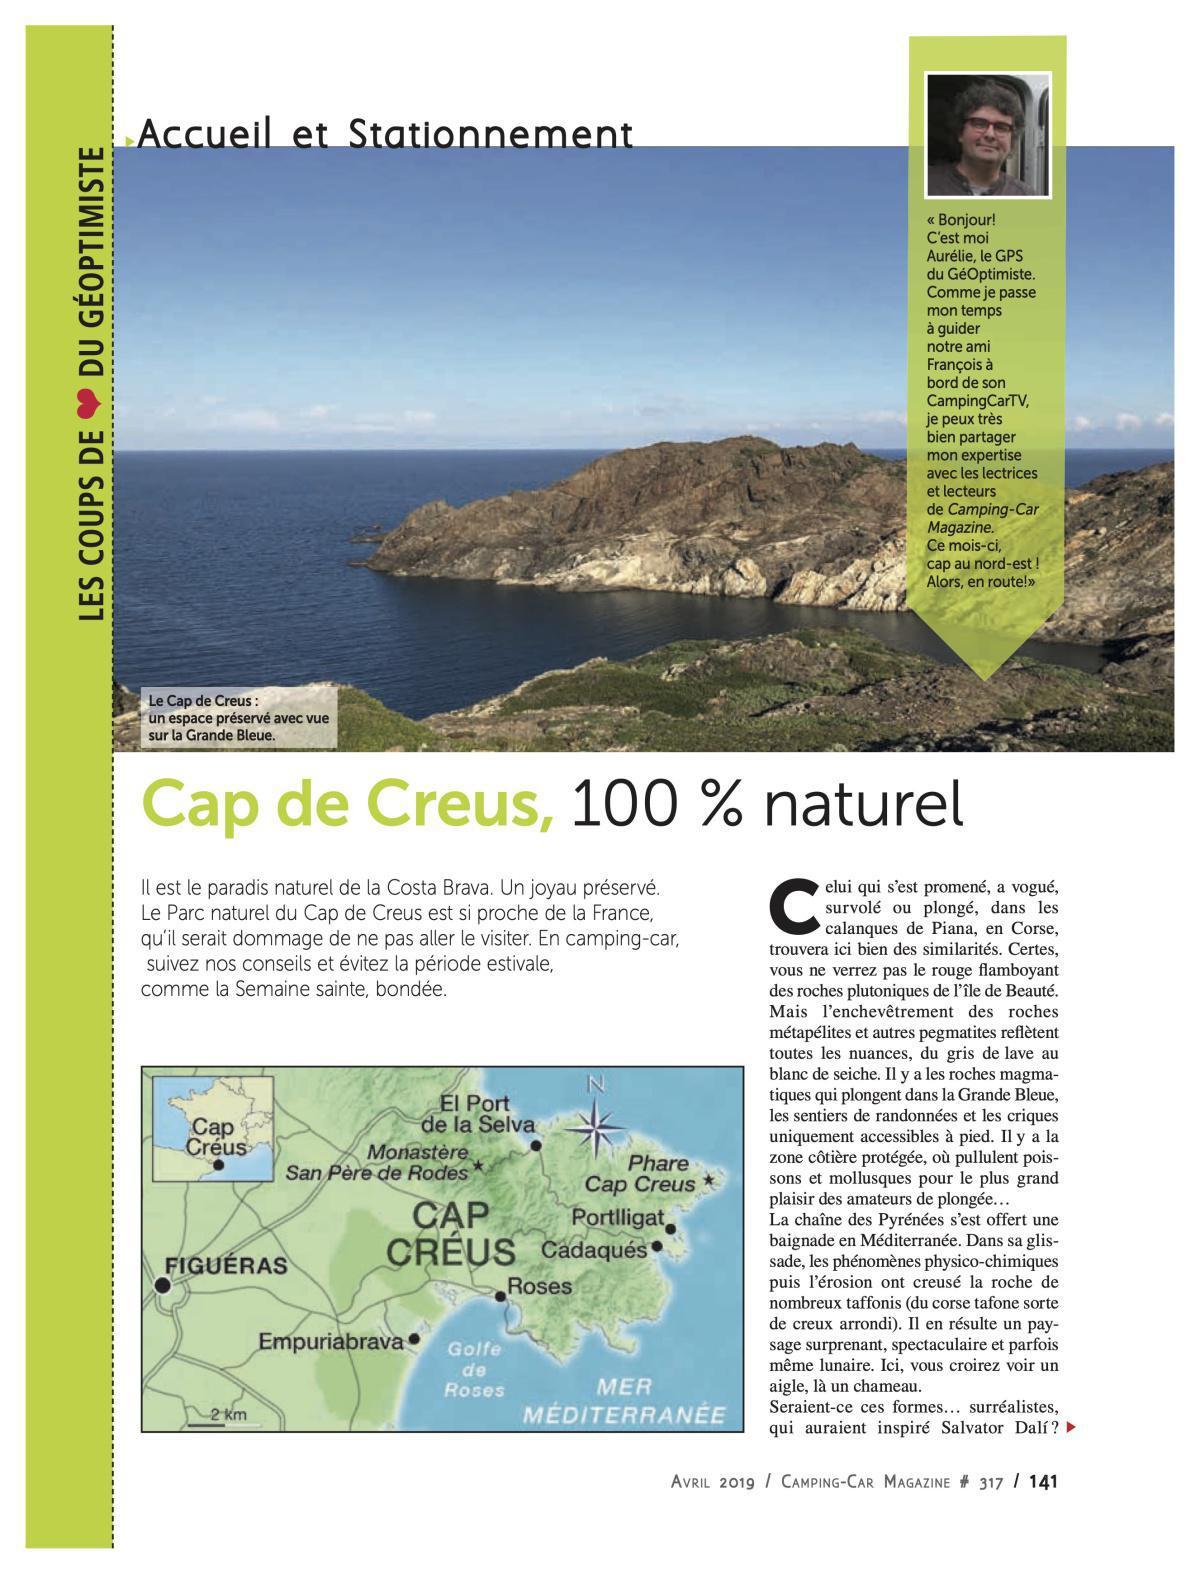 Cap de Creus - Costa Brava - CCM 317